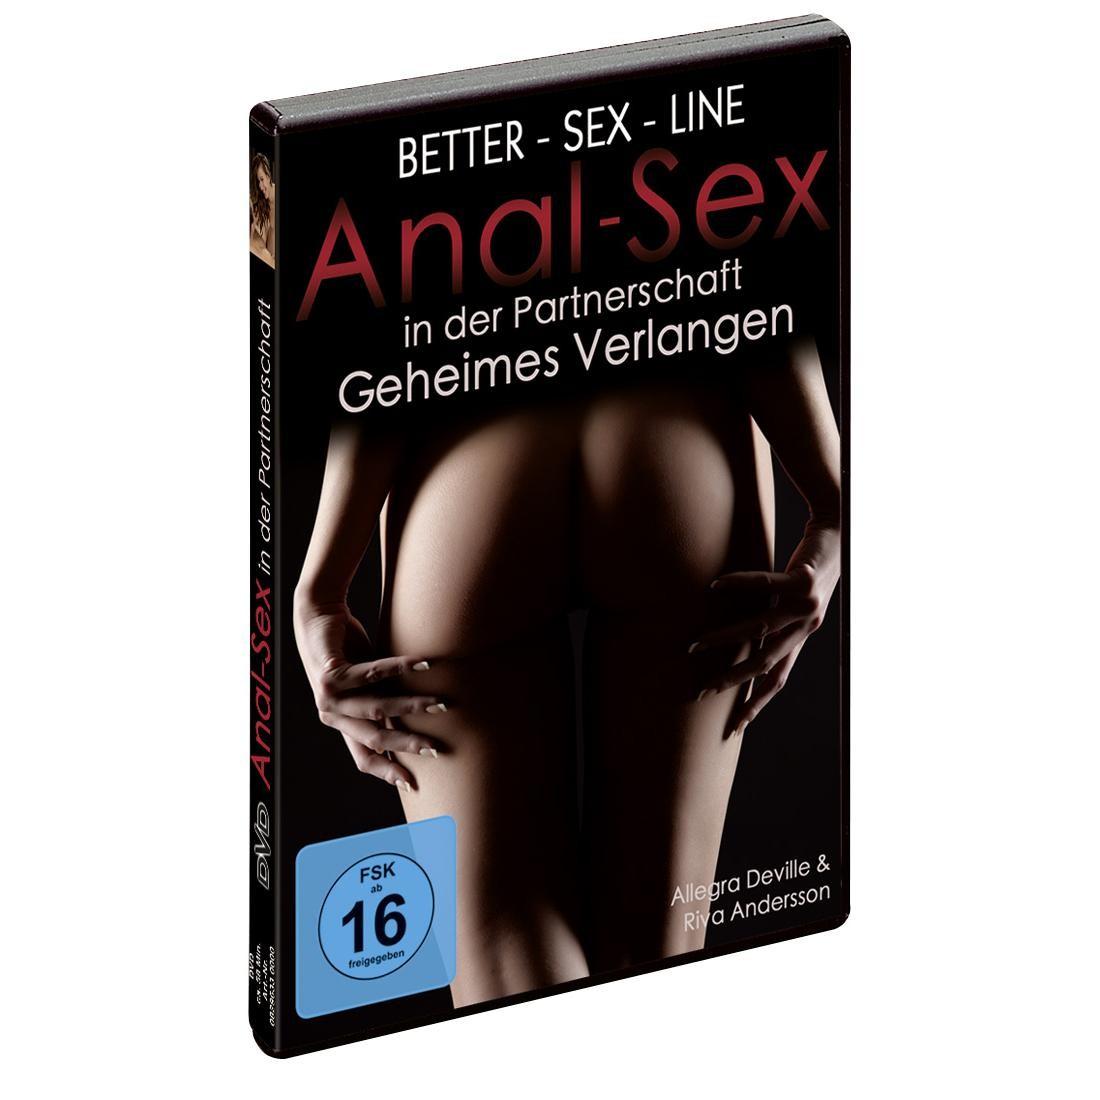 Better-Sex-Line  -  Analsex  in  der  Partnerschaft  -  DVD